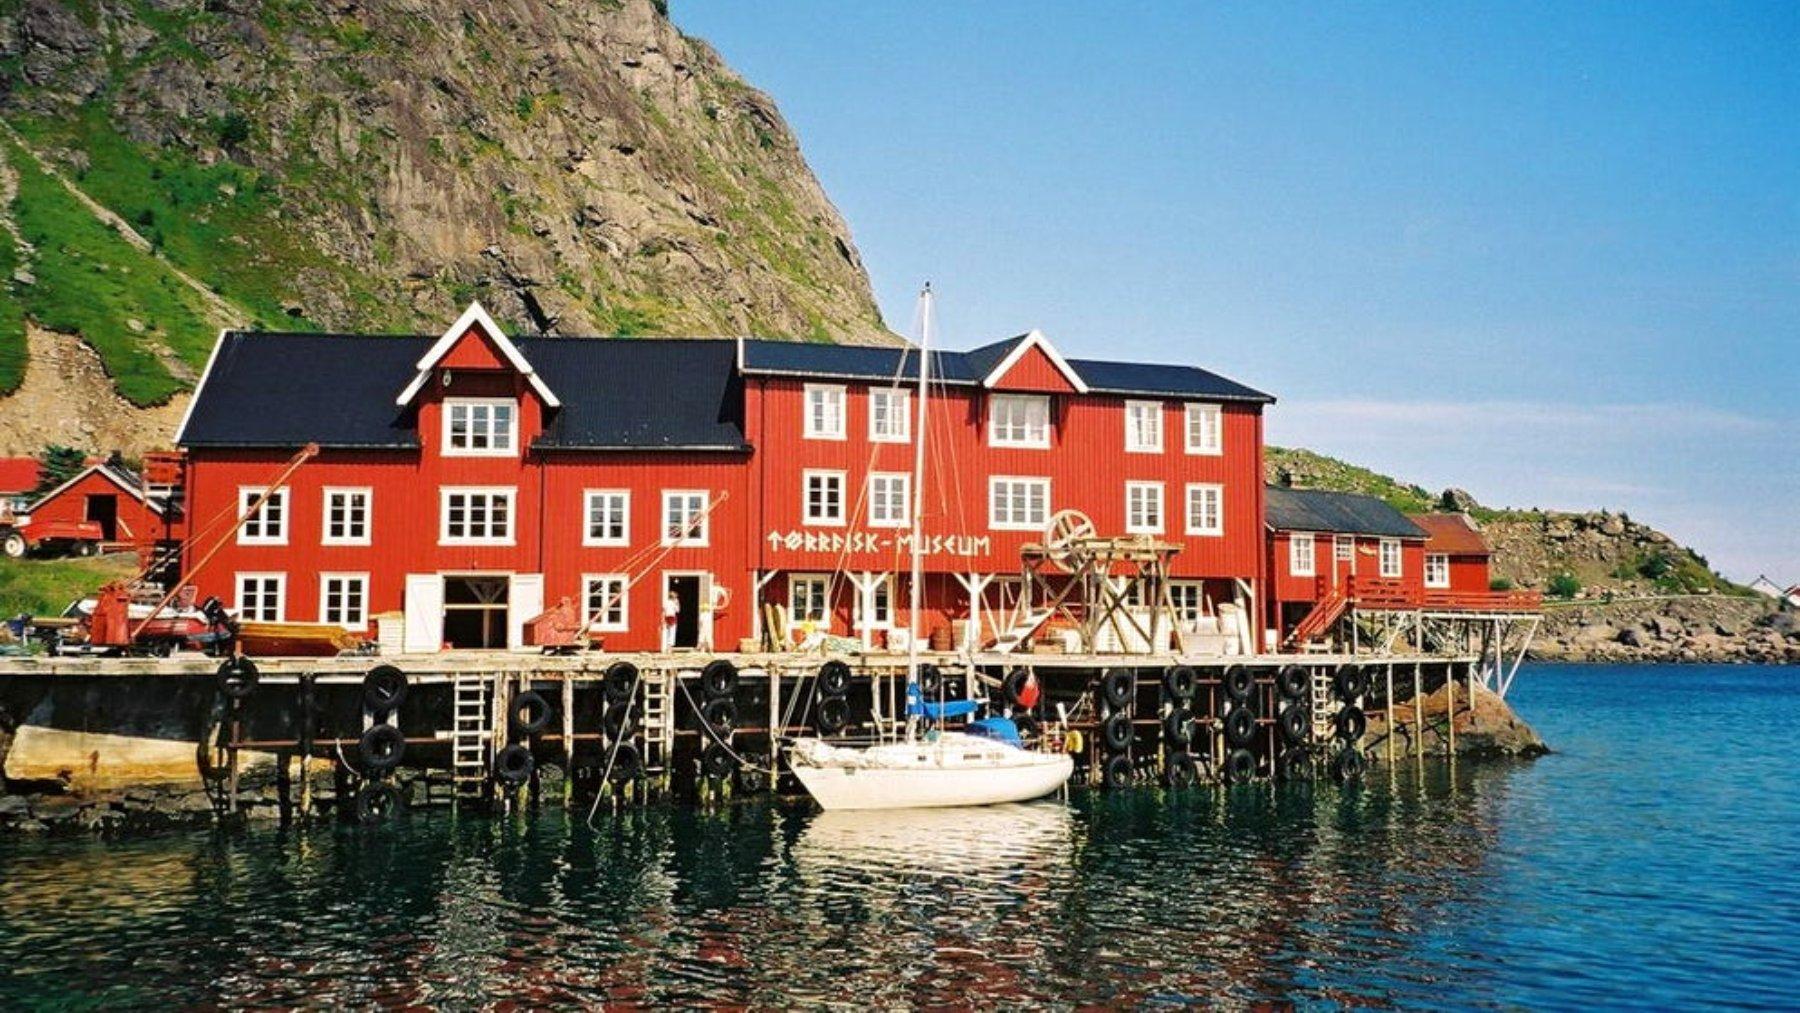 Å, el pueblo noruego con el nombre más corto del mundo